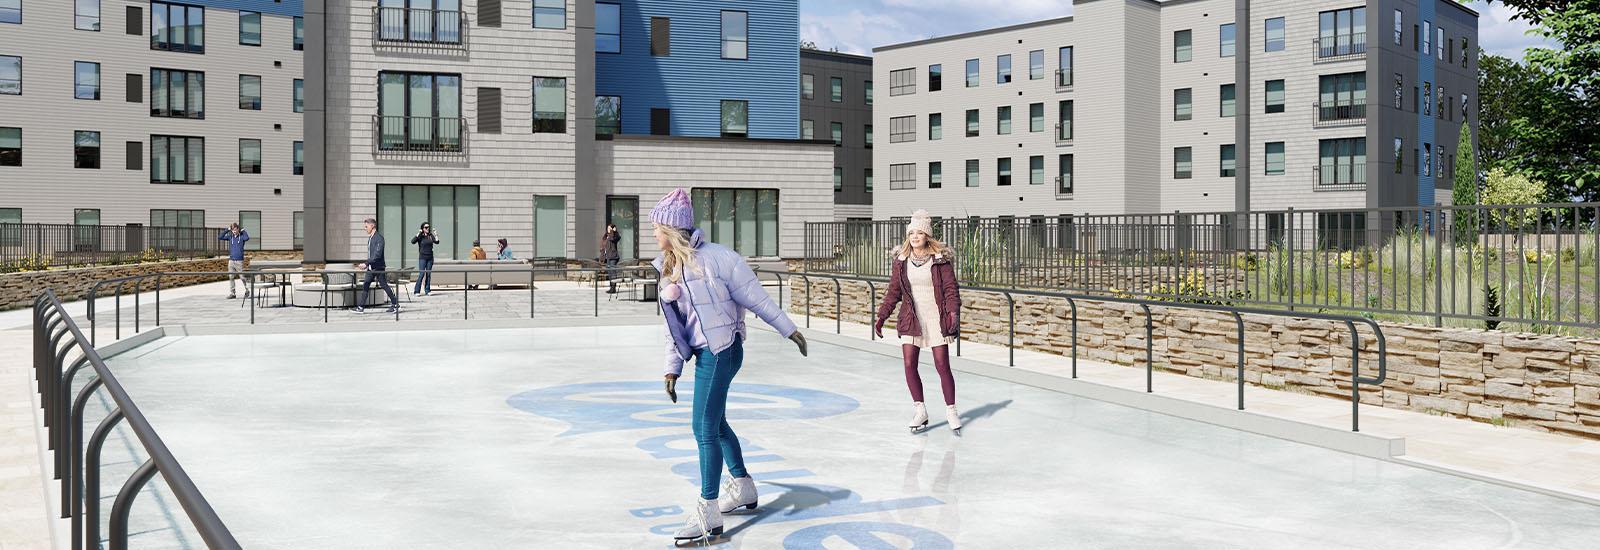 Ice Rink At Auden Buffalo